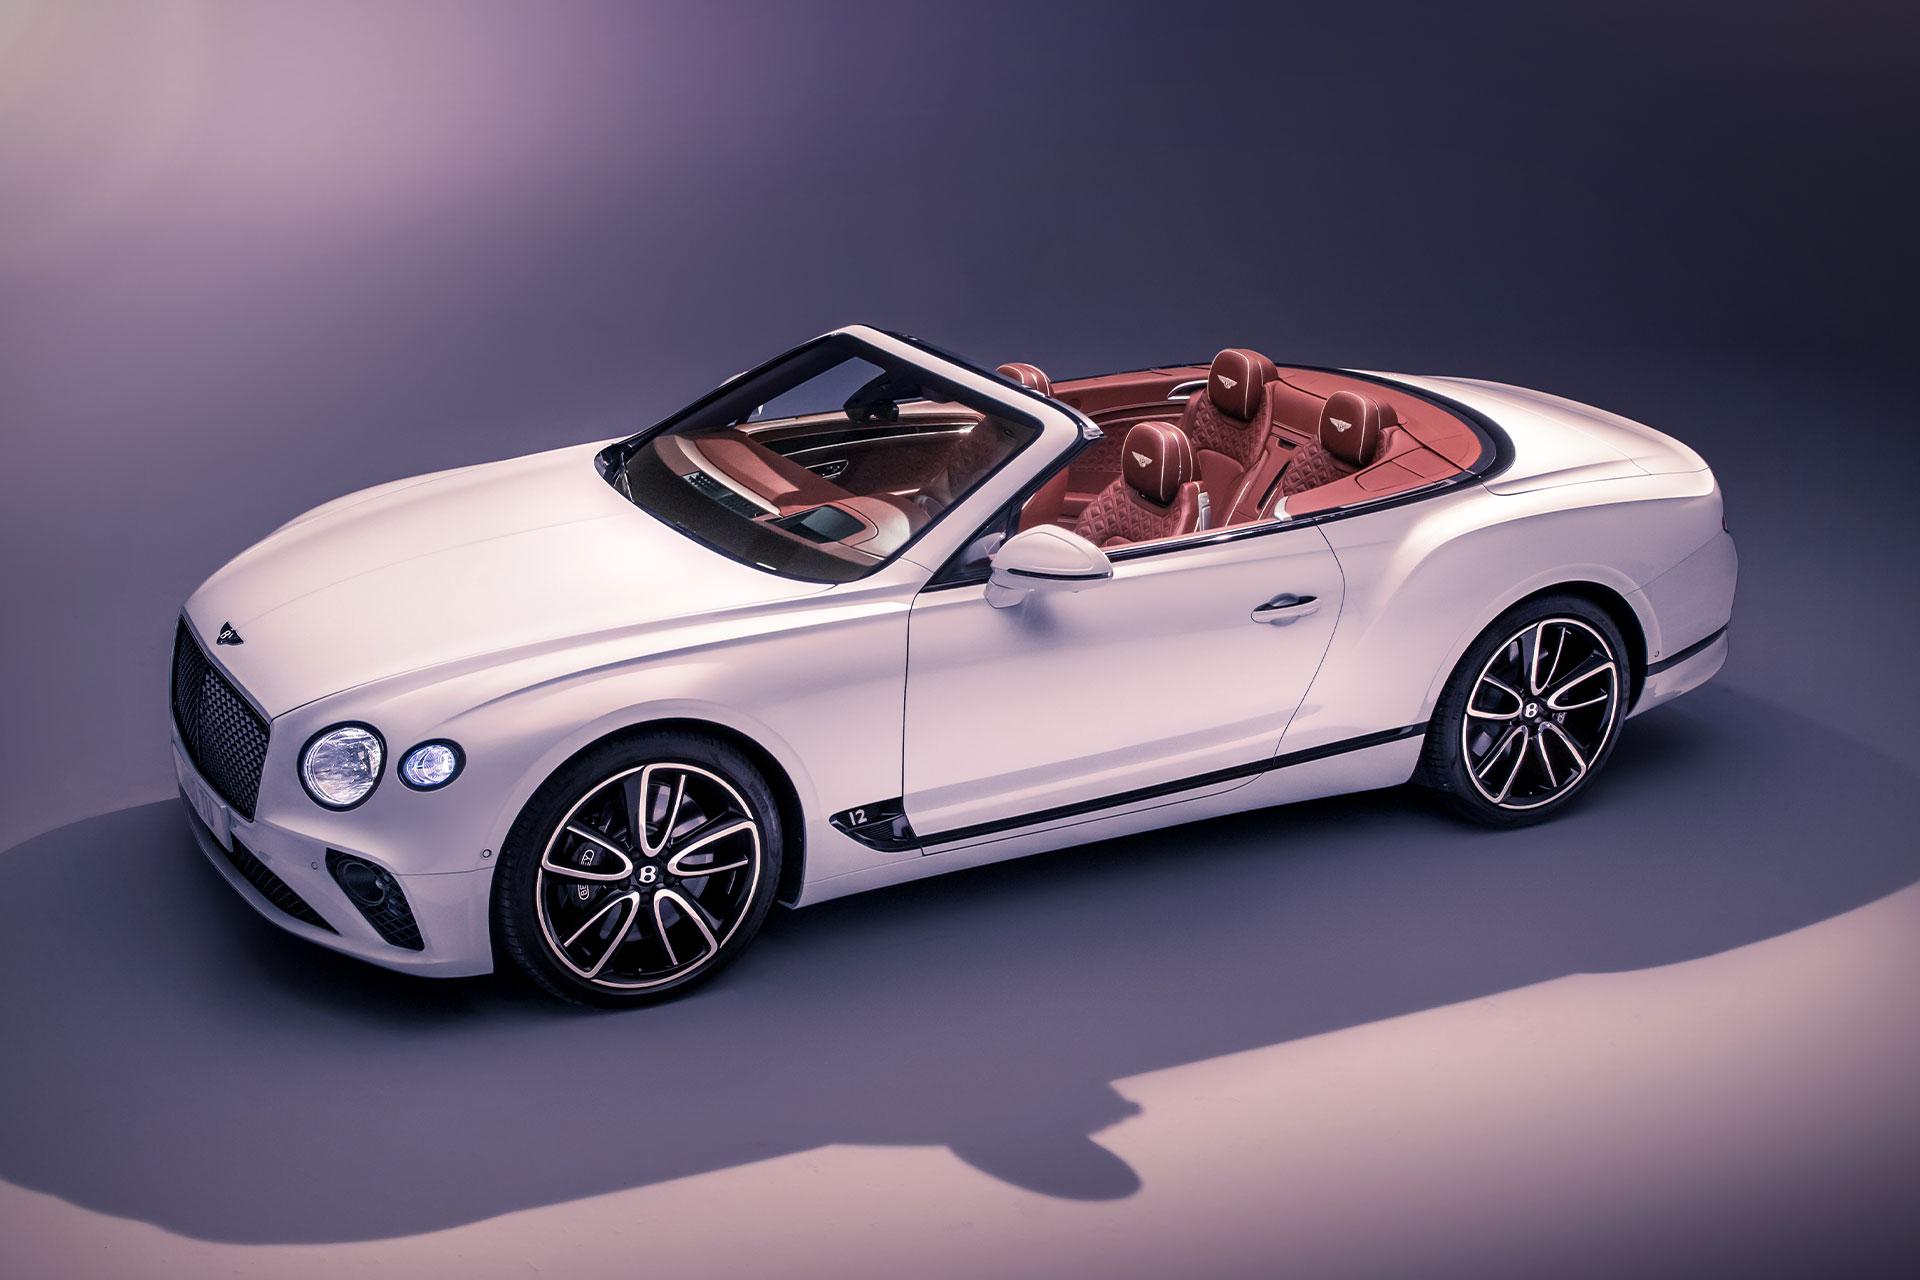 2019 Bentley Continental Gt Convertible Uncrate